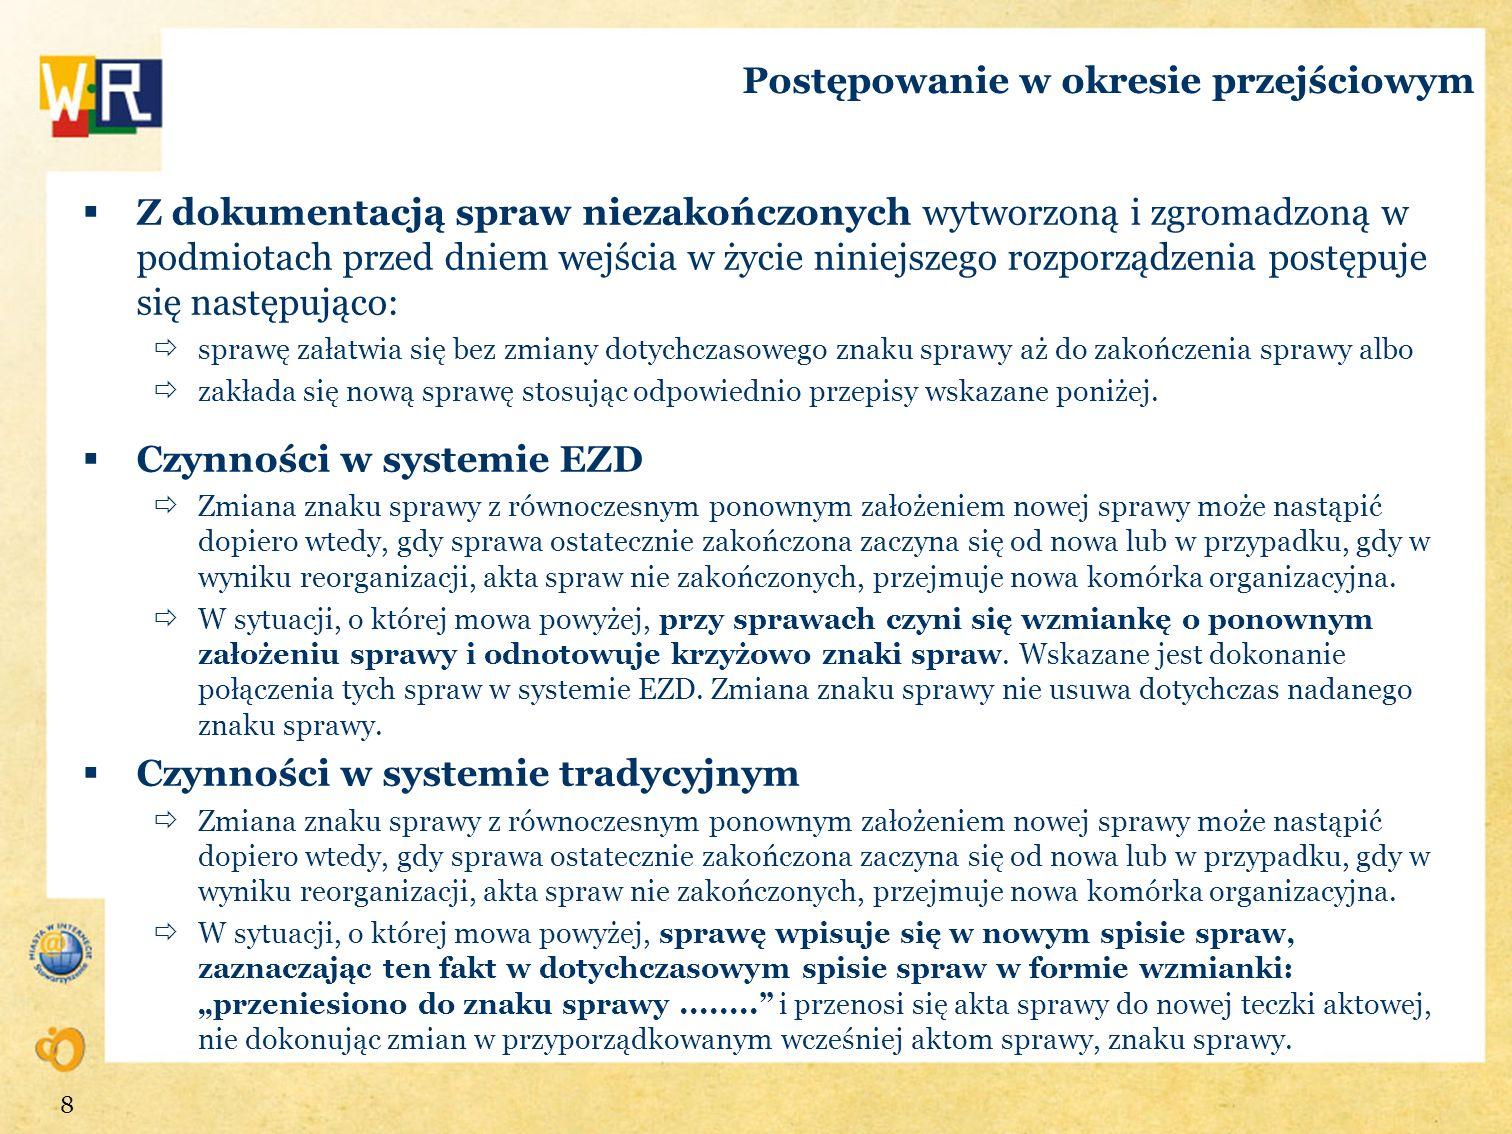 Postępowanie w okresie przejściowym Z dokumentacją spraw niezakończonych po wskazaniu systemu EZD jako podstawowego systemu dokumentowania przebiegu załatwiania spraw postępuje się następująco: zakłada się nową sprawę odnotowując krzyżowo znaki spraw w sposób umożliwiający odnalezienie powiązanych akt spraw albo prowadzi się akta sprawy dalej w systemie tradycyjnym aż do zakończenia sprawy, a odwzorowania cyfrowe z napływających przesyłek powiązanych z takimi aktami sprawy traktuje się jako dokumentację nietworzącą akt sprawy o kategorii archiwalnej Bc (krótkotrwałe znaczenie praktyczne).